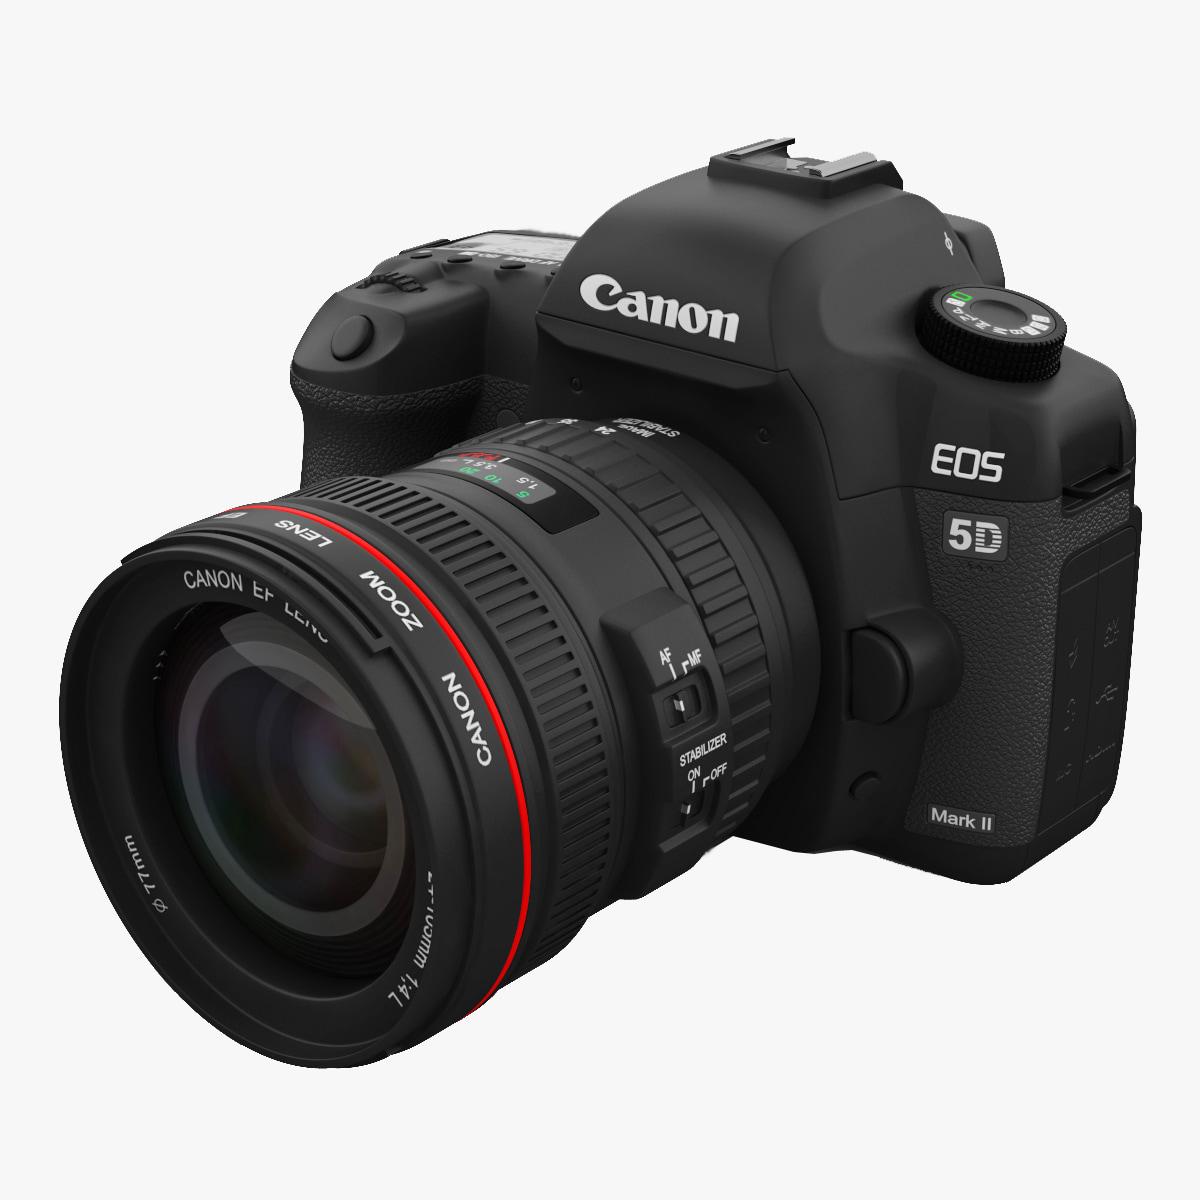 Canon_EOS_5D_Mark_II_Kit_00.jpg